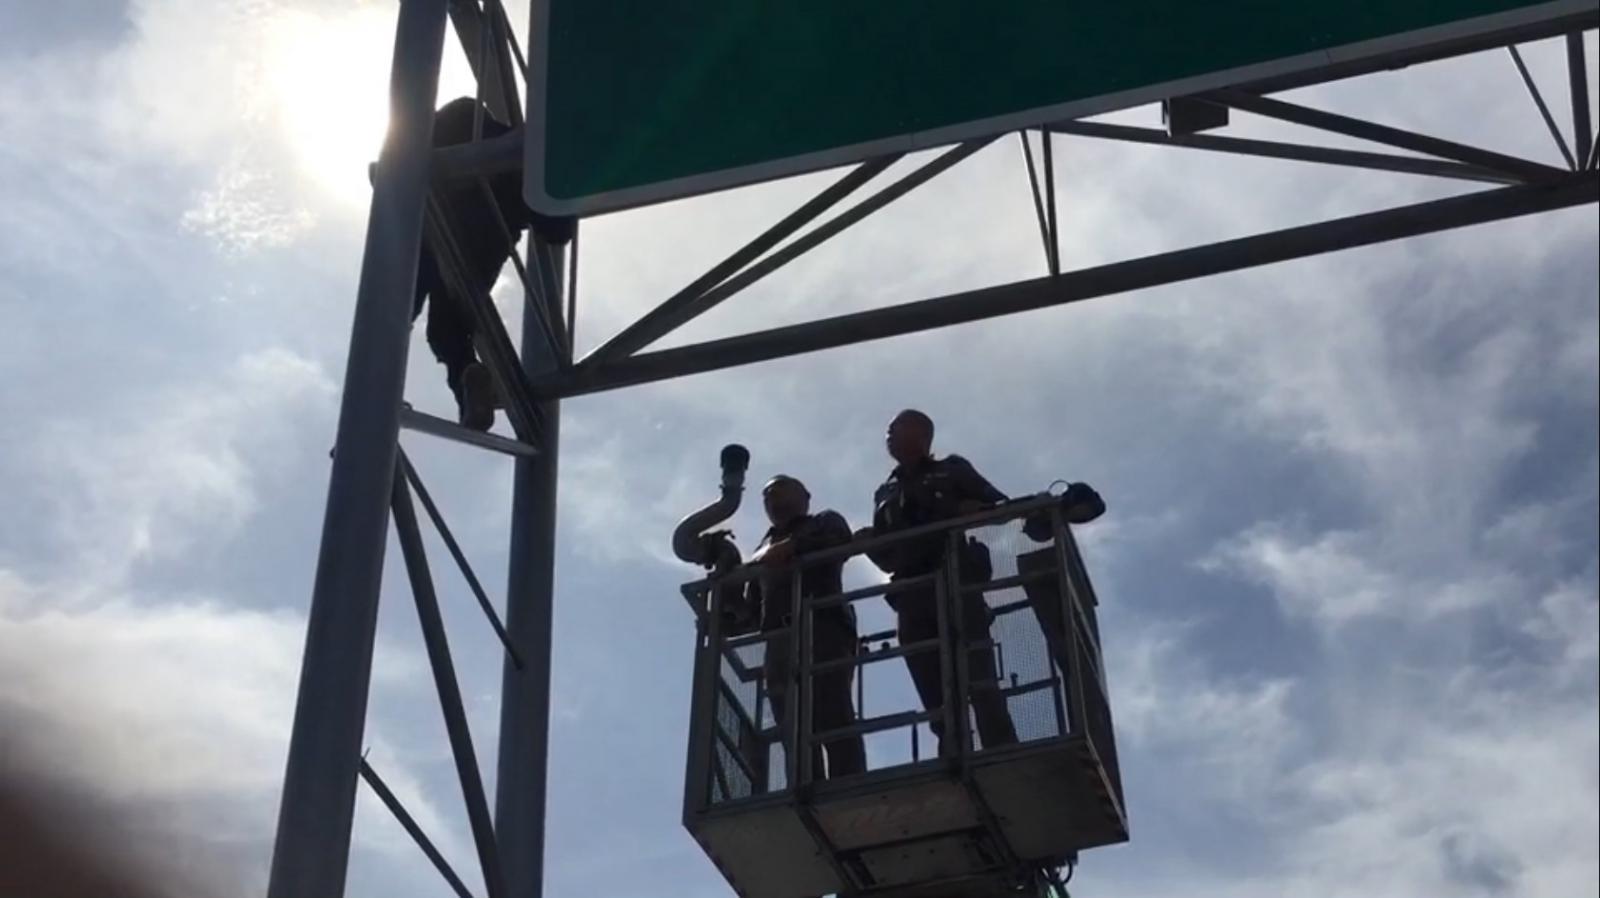 ชายปีนป้ายบอกทาง บนสะพานพระราม 3